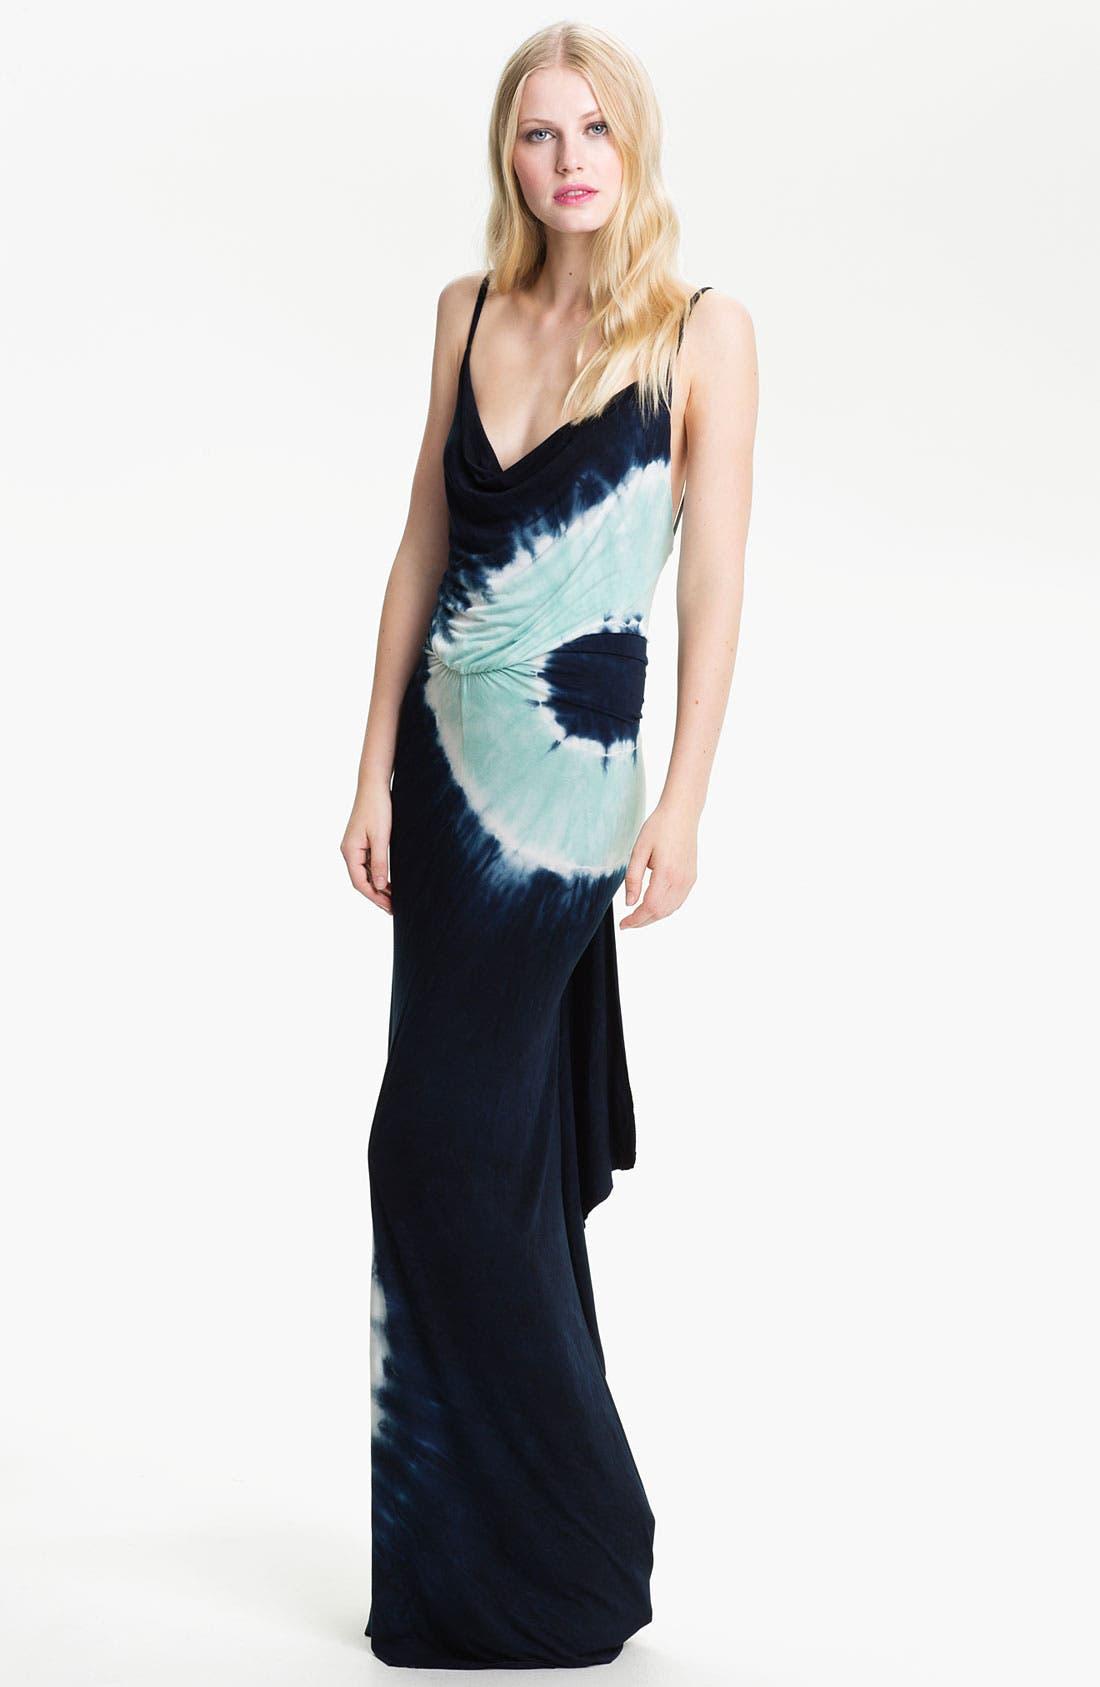 Main Image - Young, Fabulous & Broke 'Lavinia' Tie Dye Maxi Dress